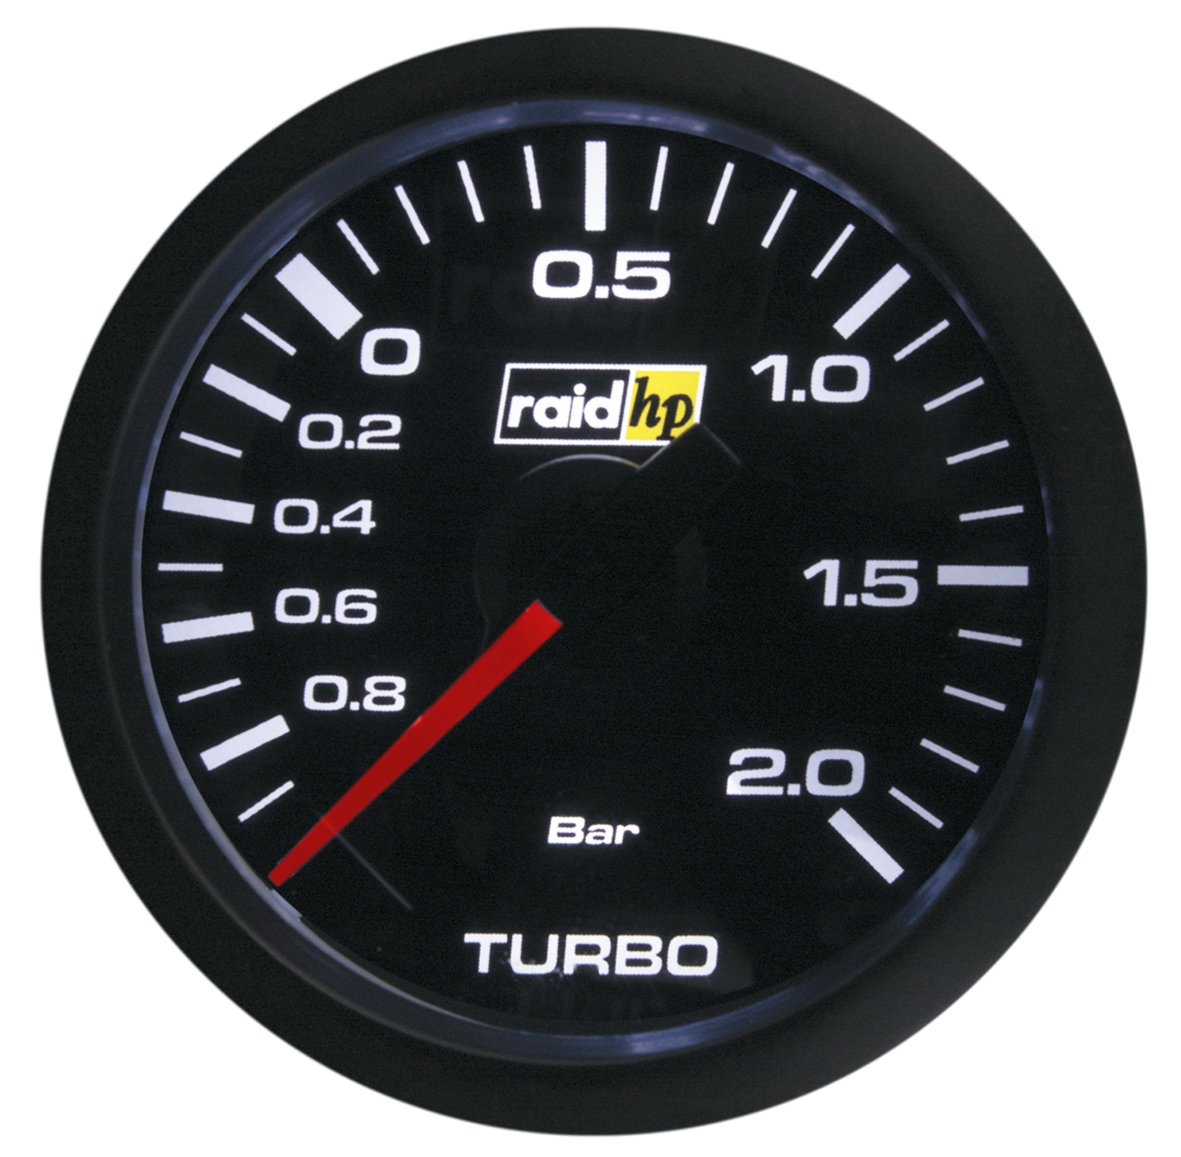 Raid hp 660172 Sport - Indicador de presión de admisión: Amazon.es: Coche y moto